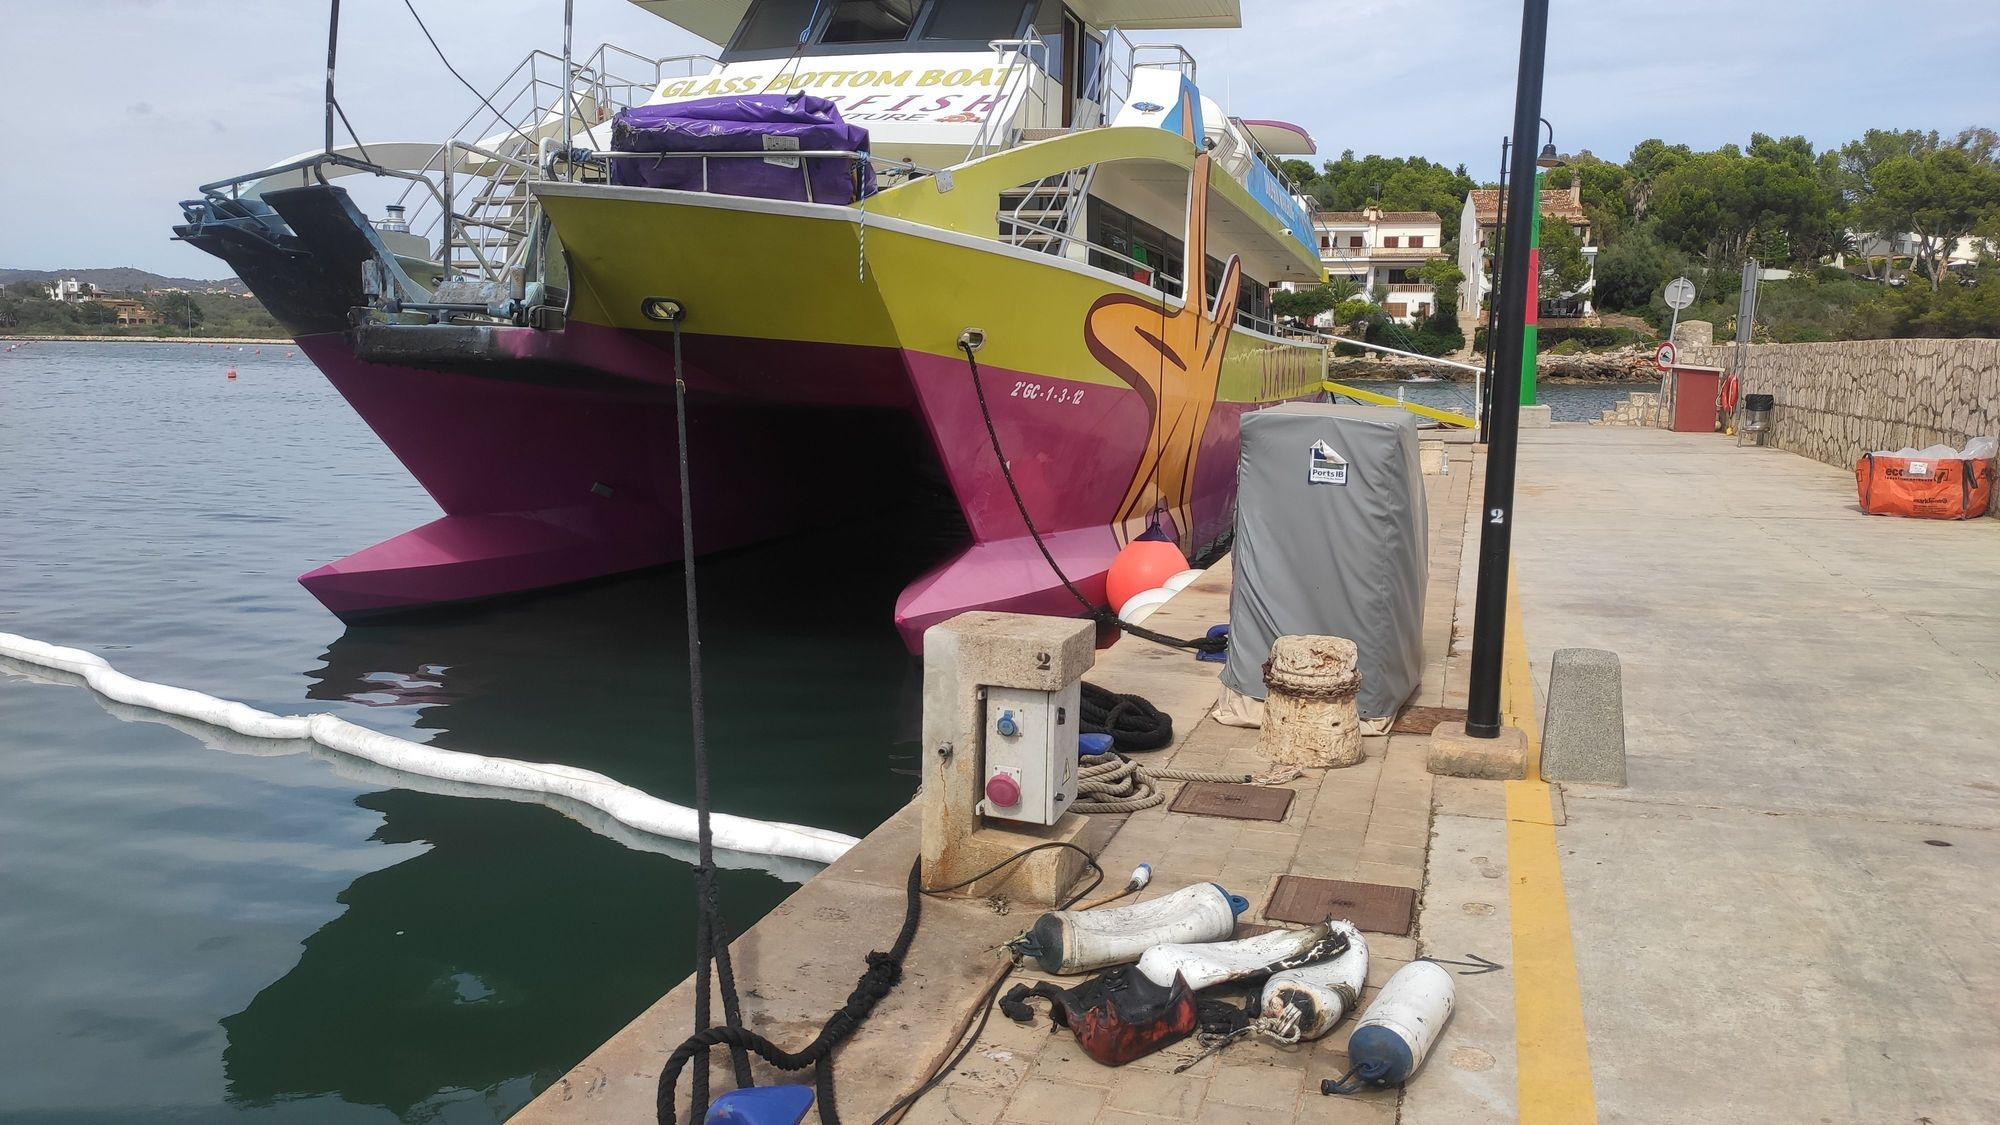 Cierran el puerto de Portopetro tras el incendio de dos lanchas